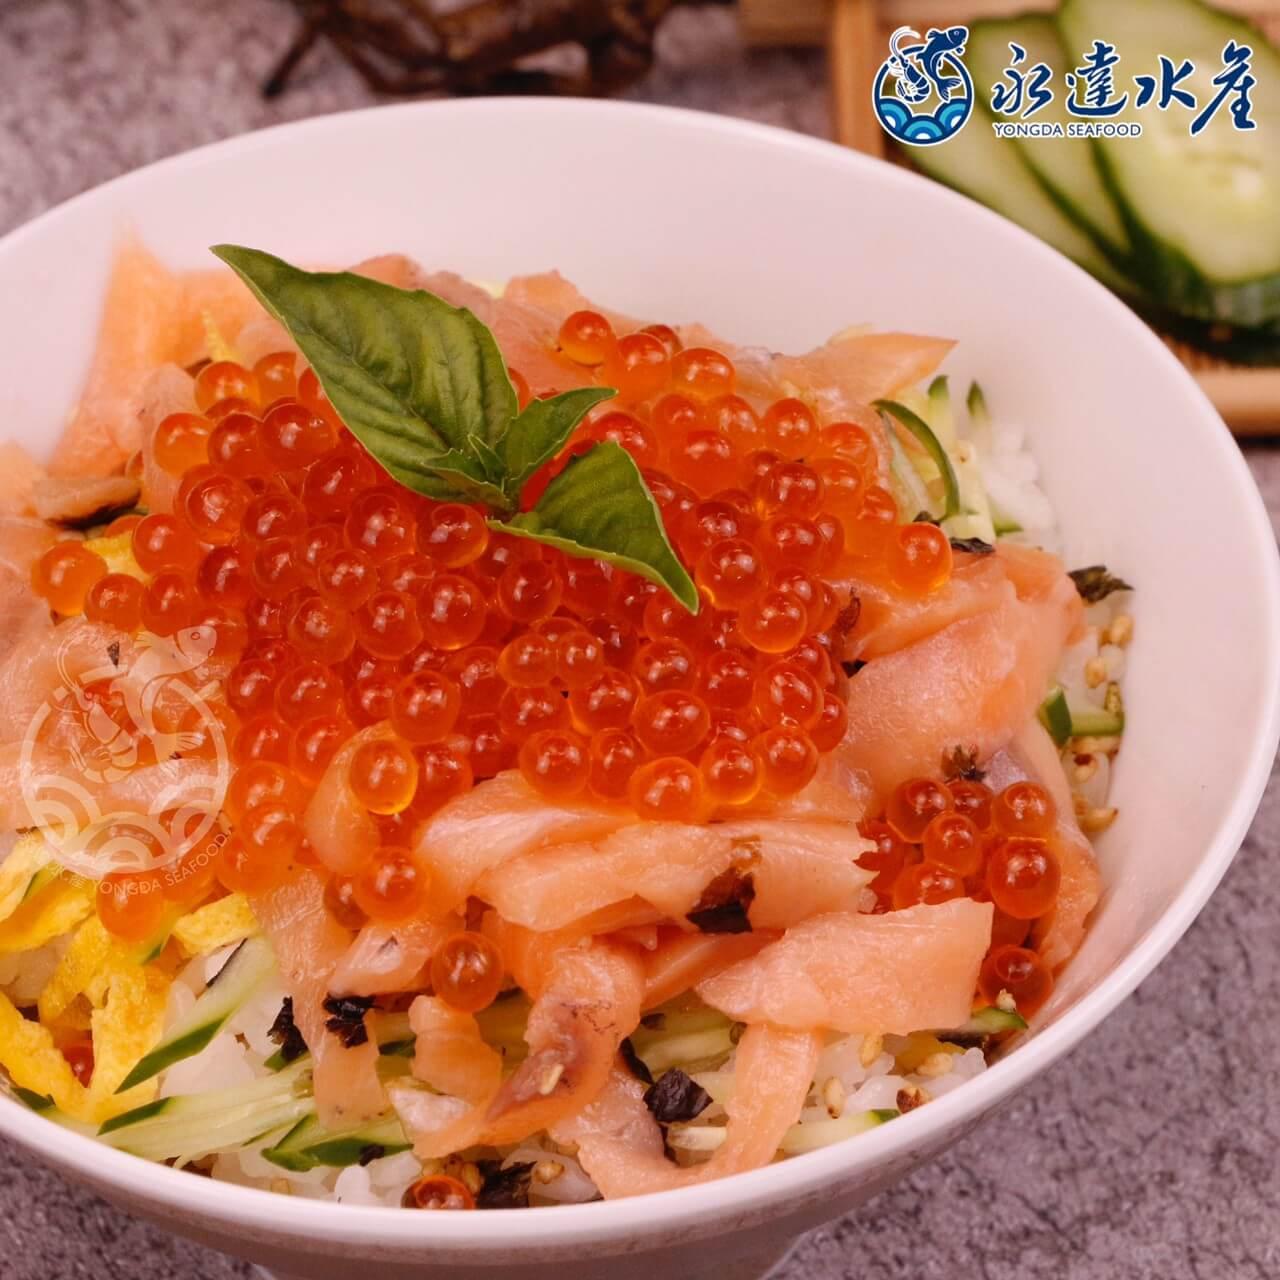 水產|海鮮|日本原裝鮭魚卵|鮭魚卵|三文魚卵|魚卵|OMEGA-3